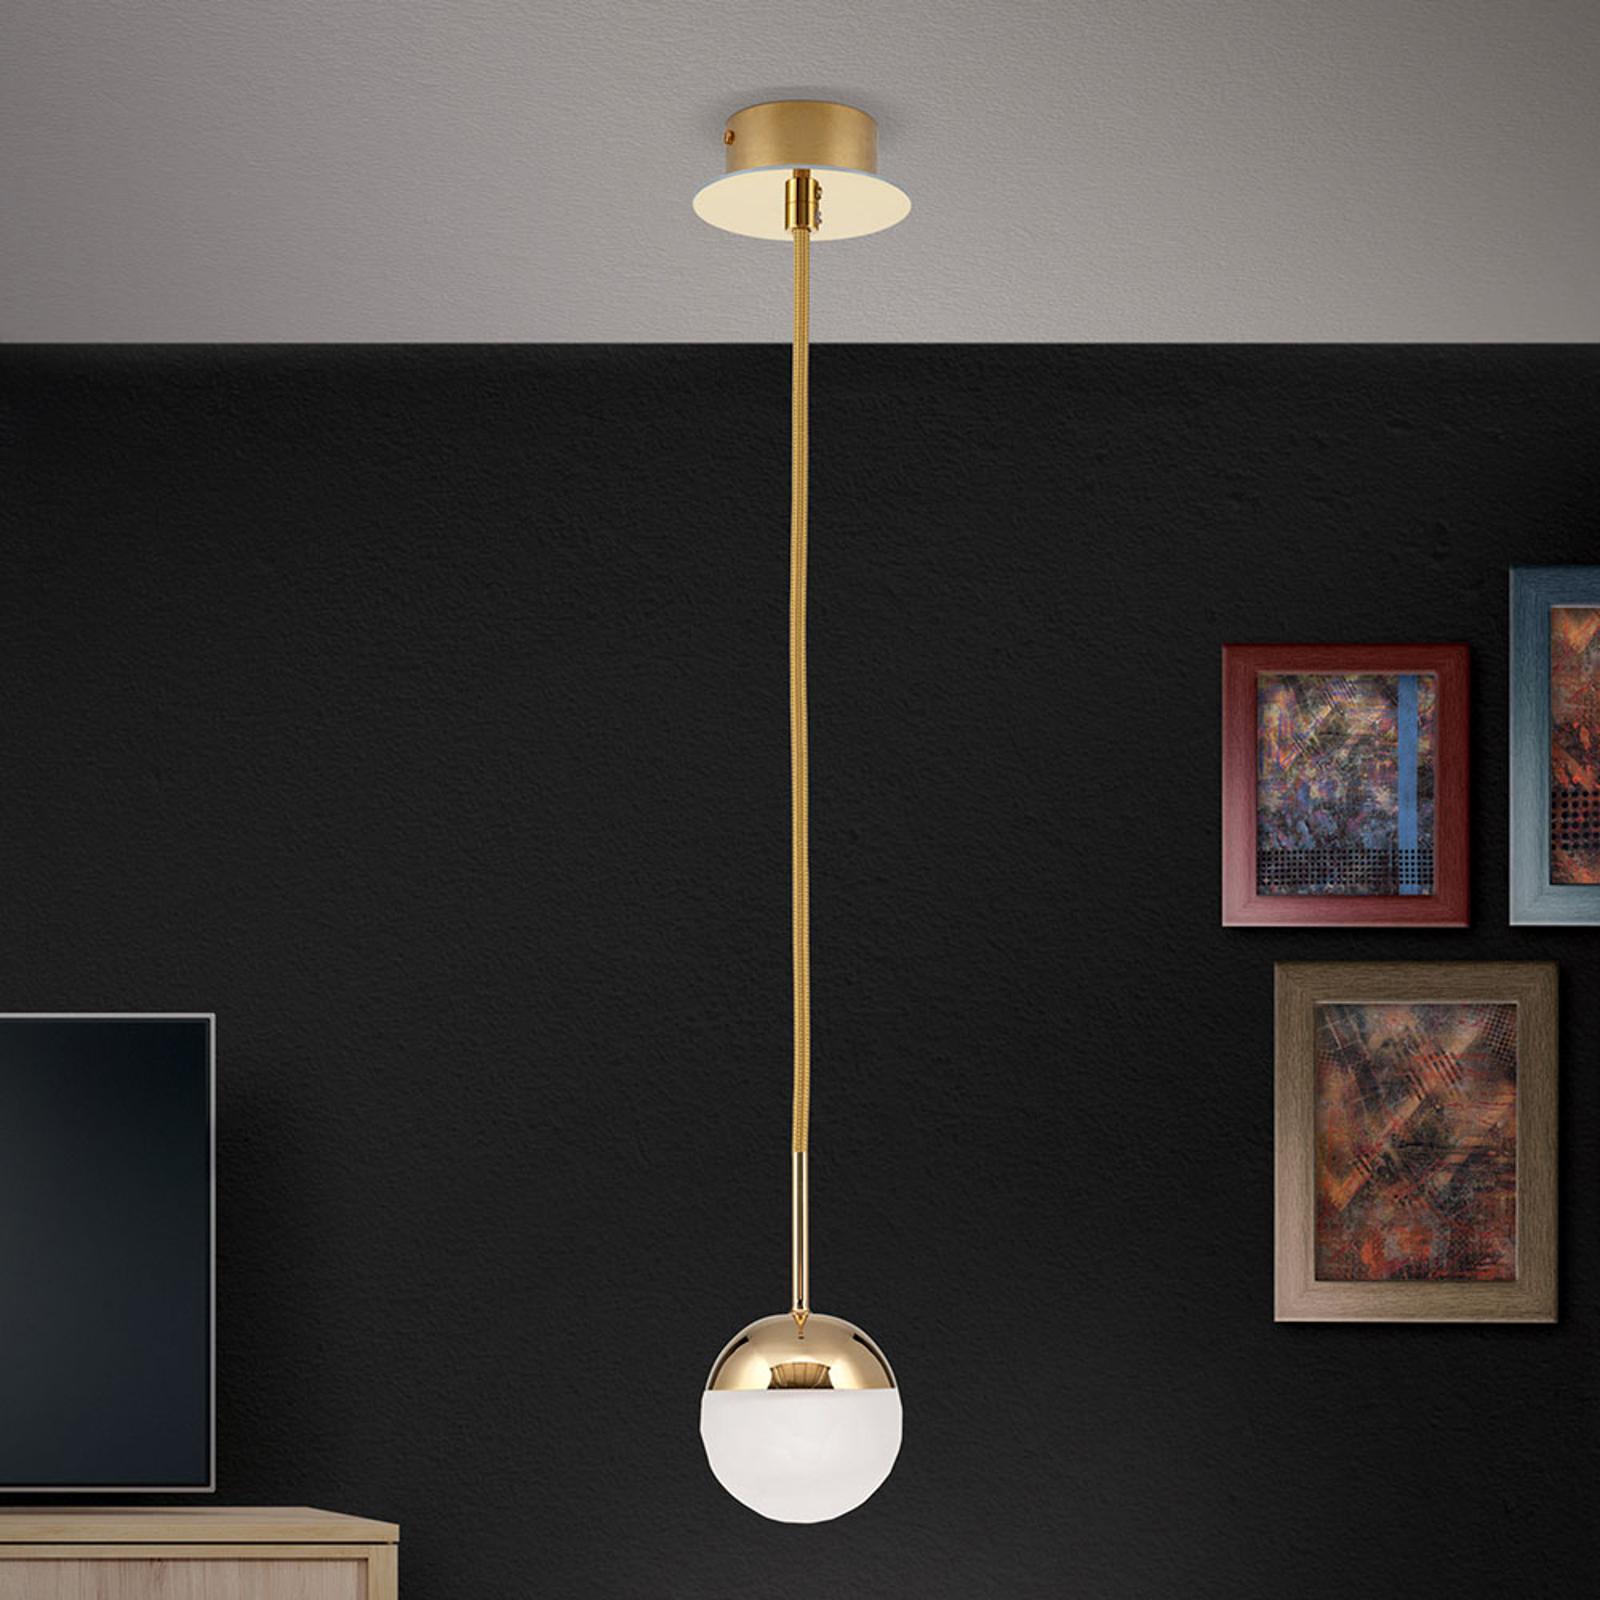 LED-riippuvalaisin Ball, yksilamppuinen, kulta